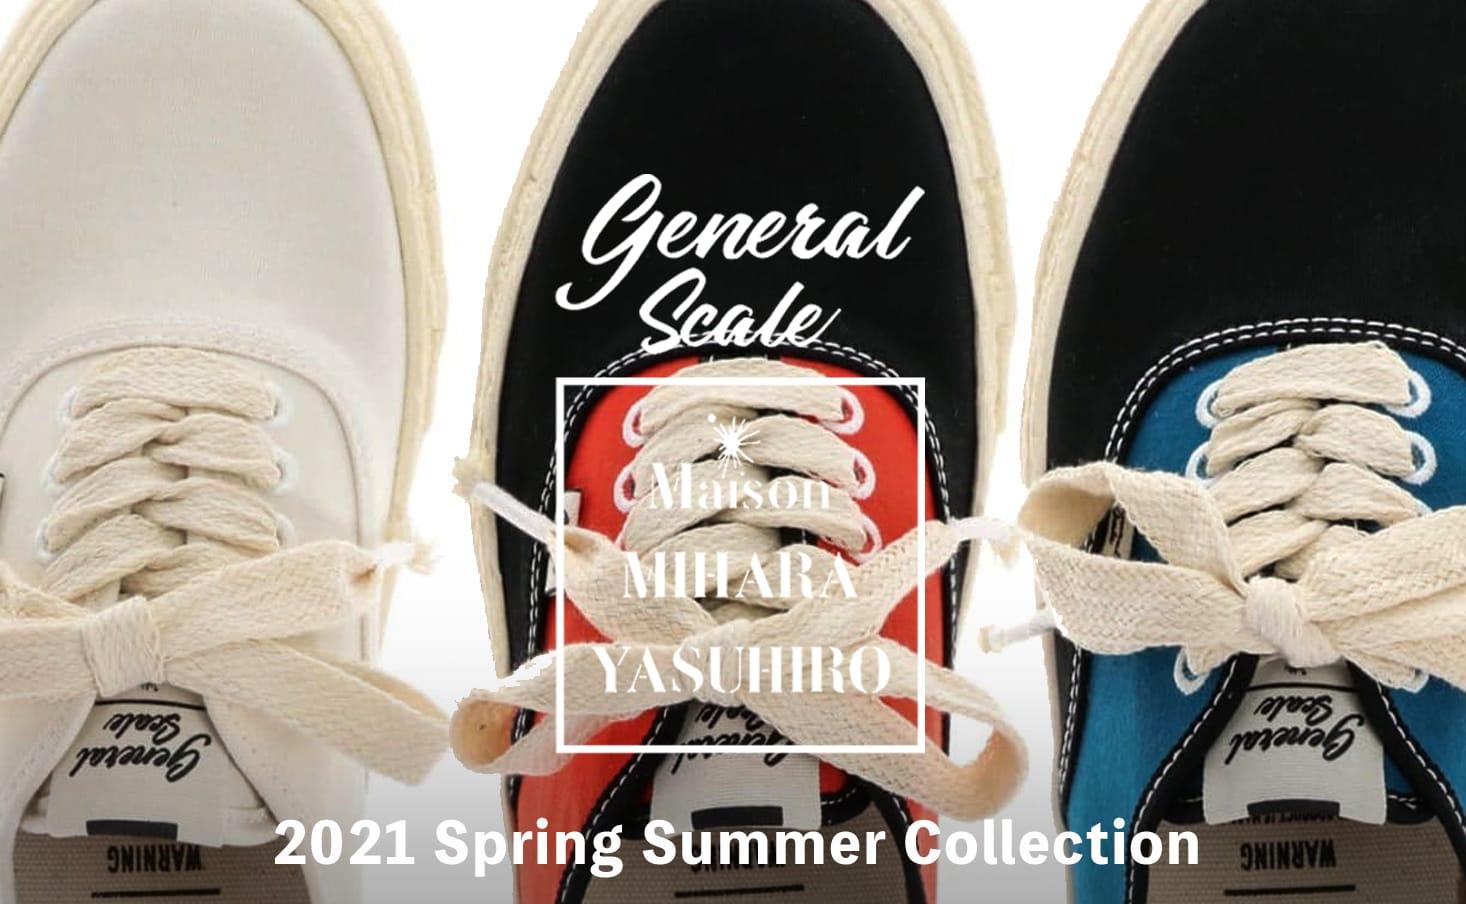 Maison MIHARAYASUHIRO(メゾン ミハラヤスヒロ)2021SS(春夏)コレクション